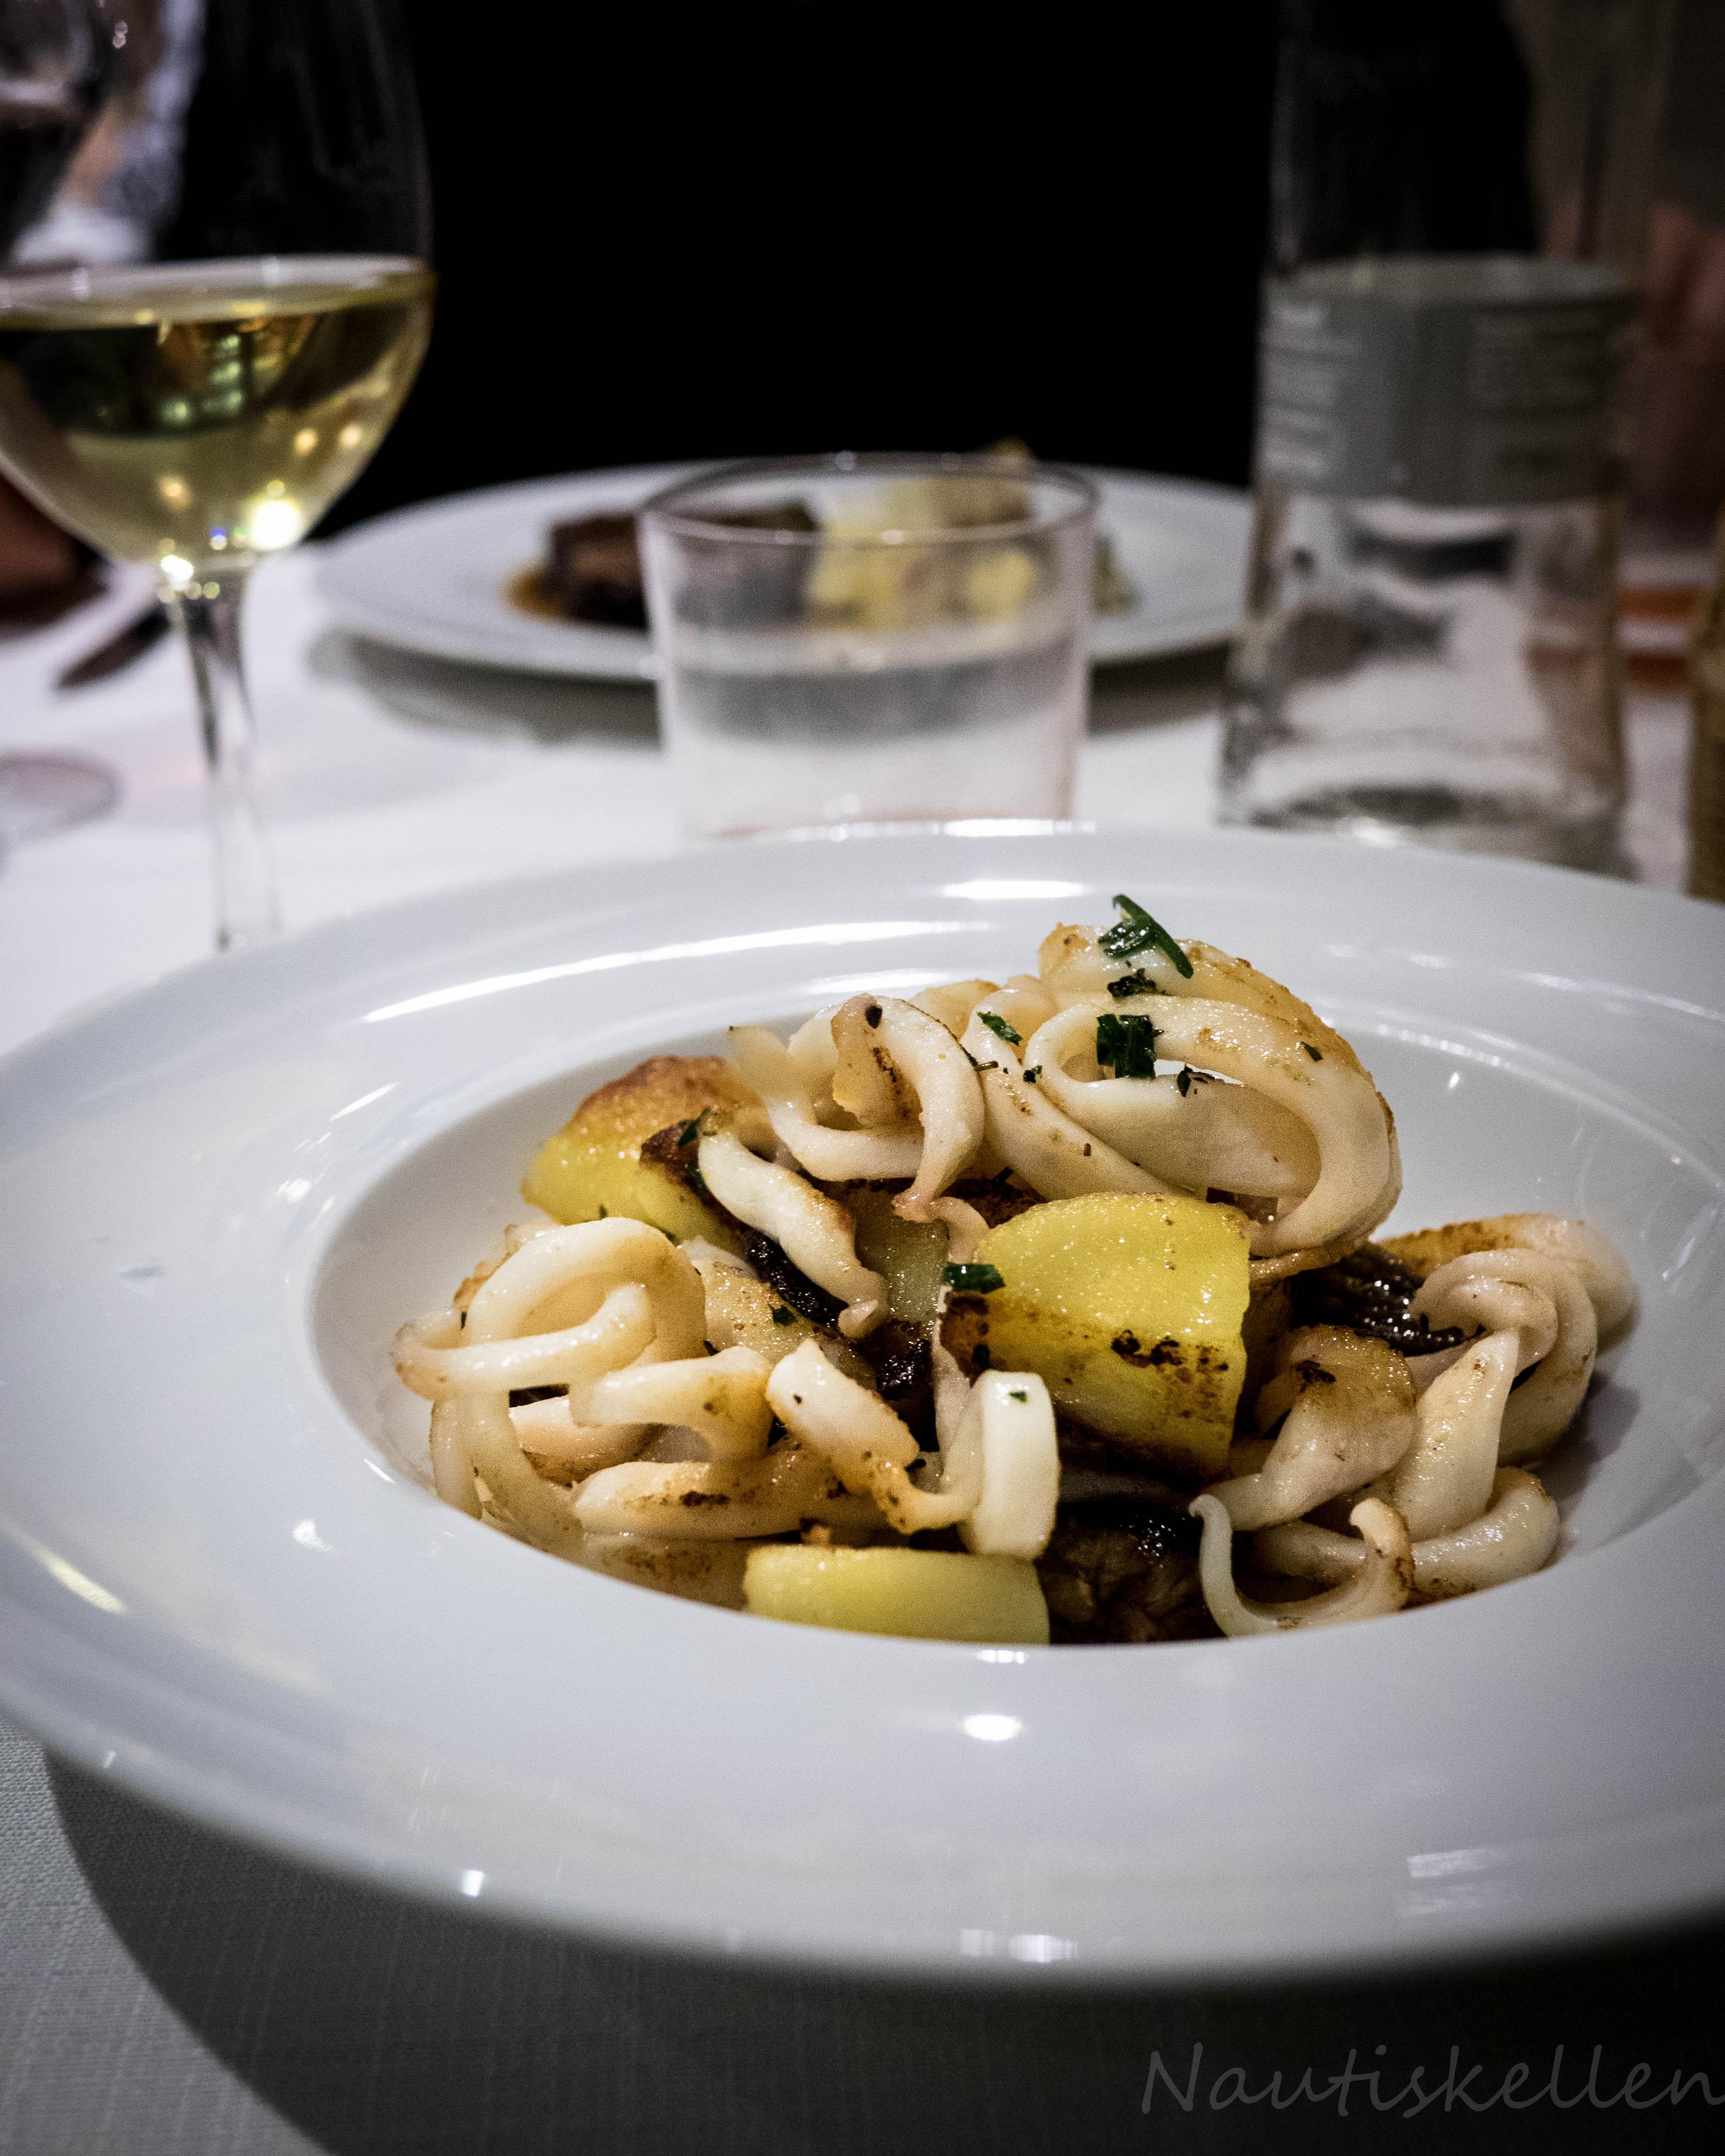 Italia ravintolat ja ruoat